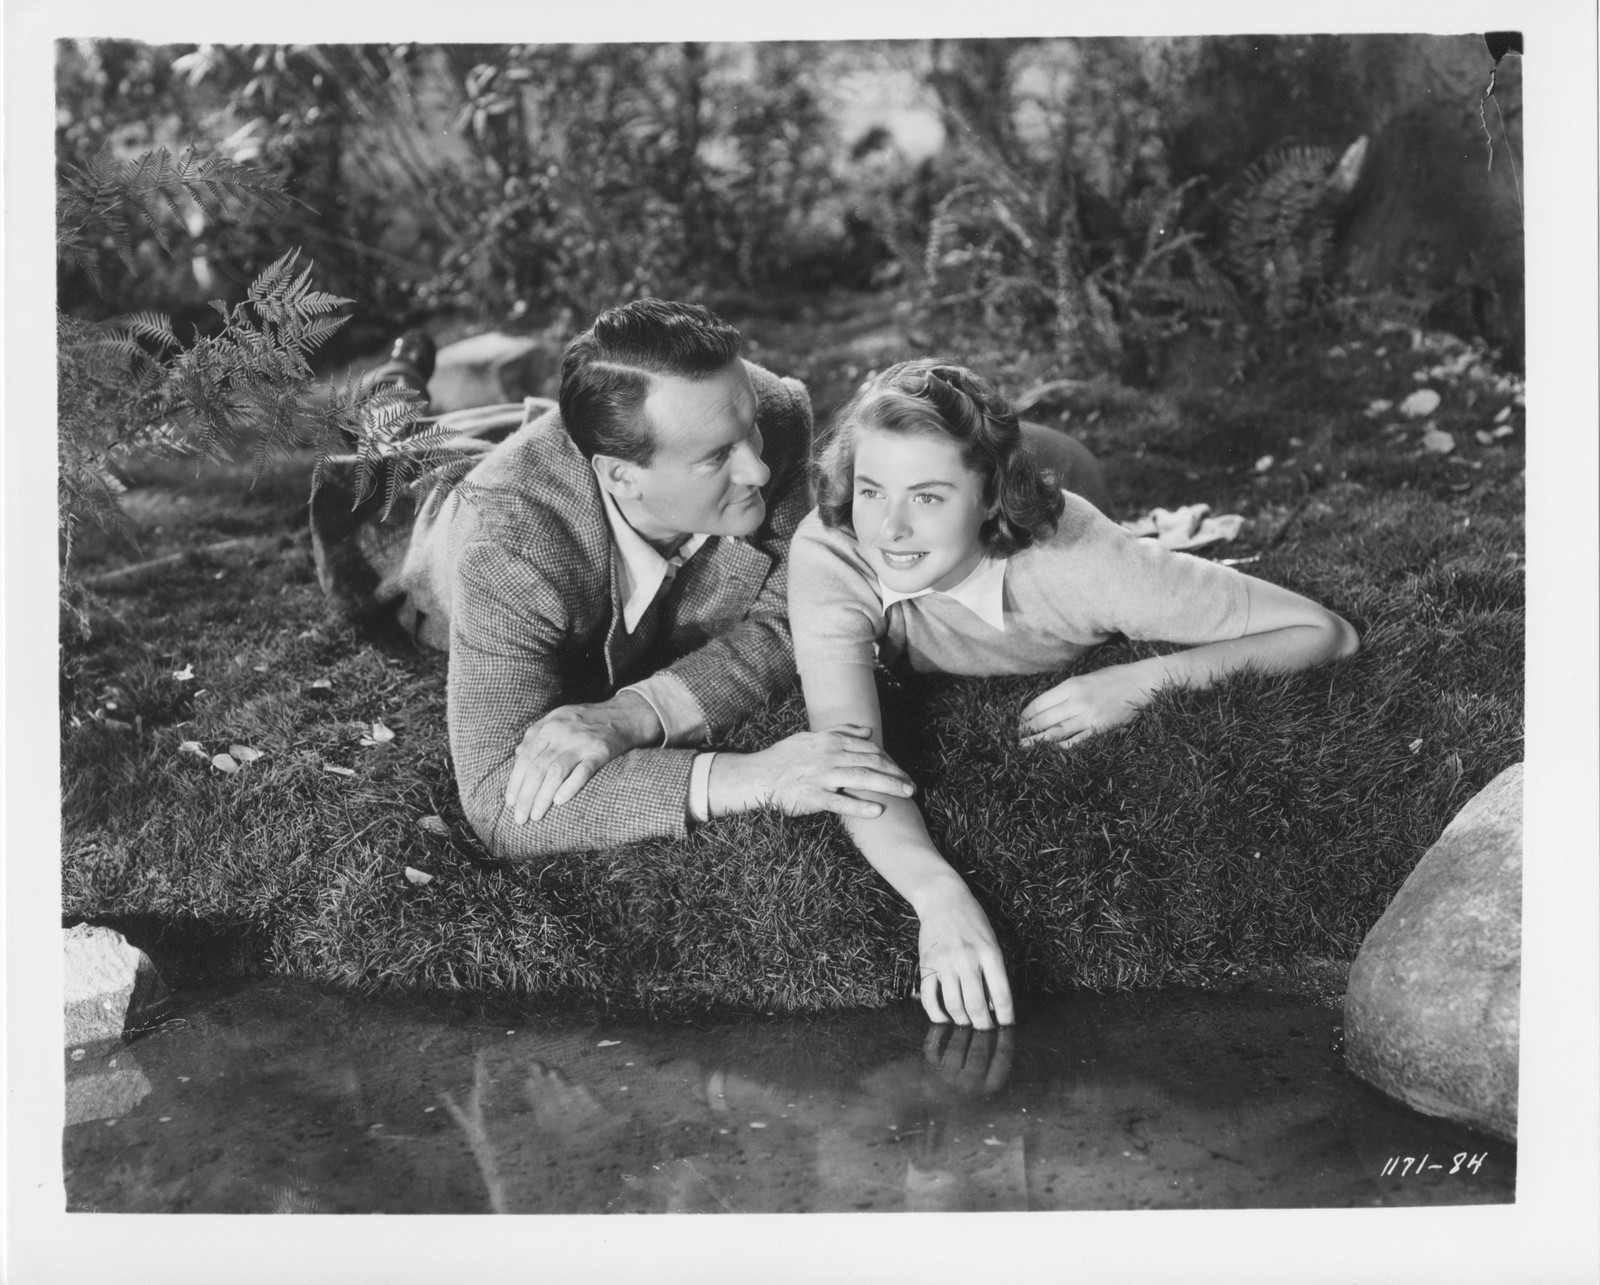 George Sanders and Ingrid Bergman